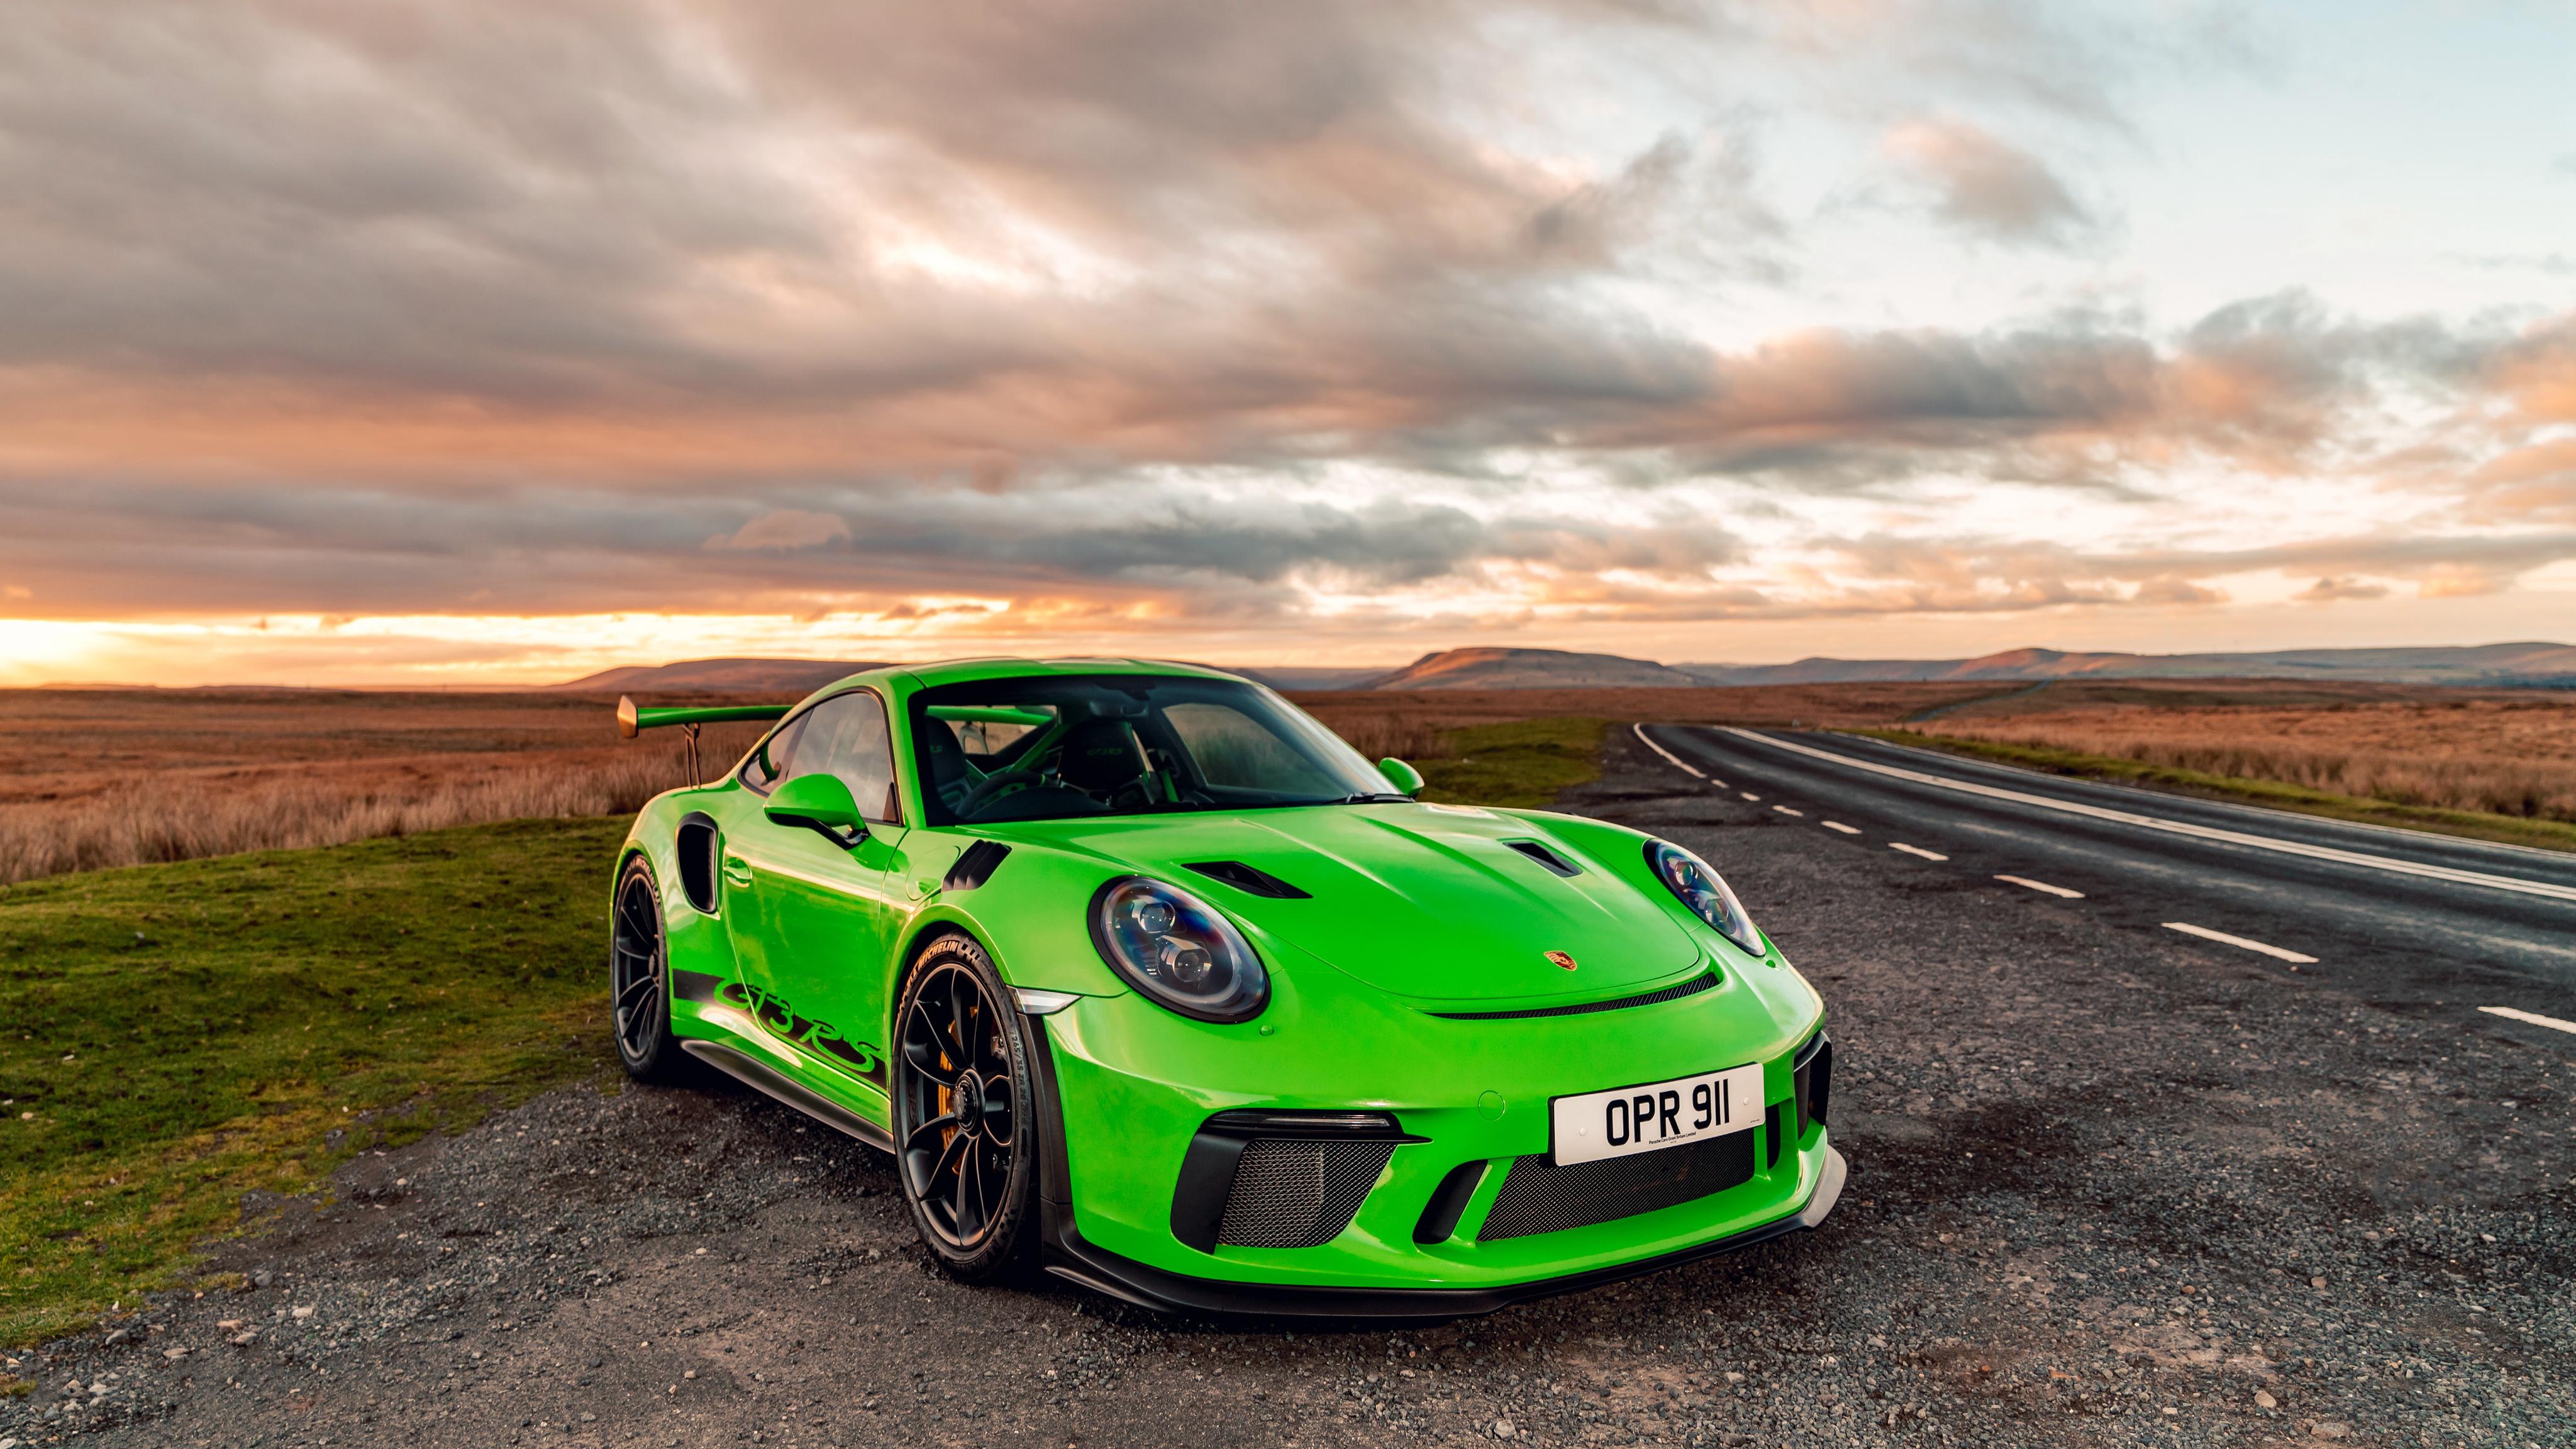 Фотографии Porsche 911 2018 GT3 RS Салатовый Автомобили Порше салатовая салатовые желто зеленый авто машина машины автомобиль